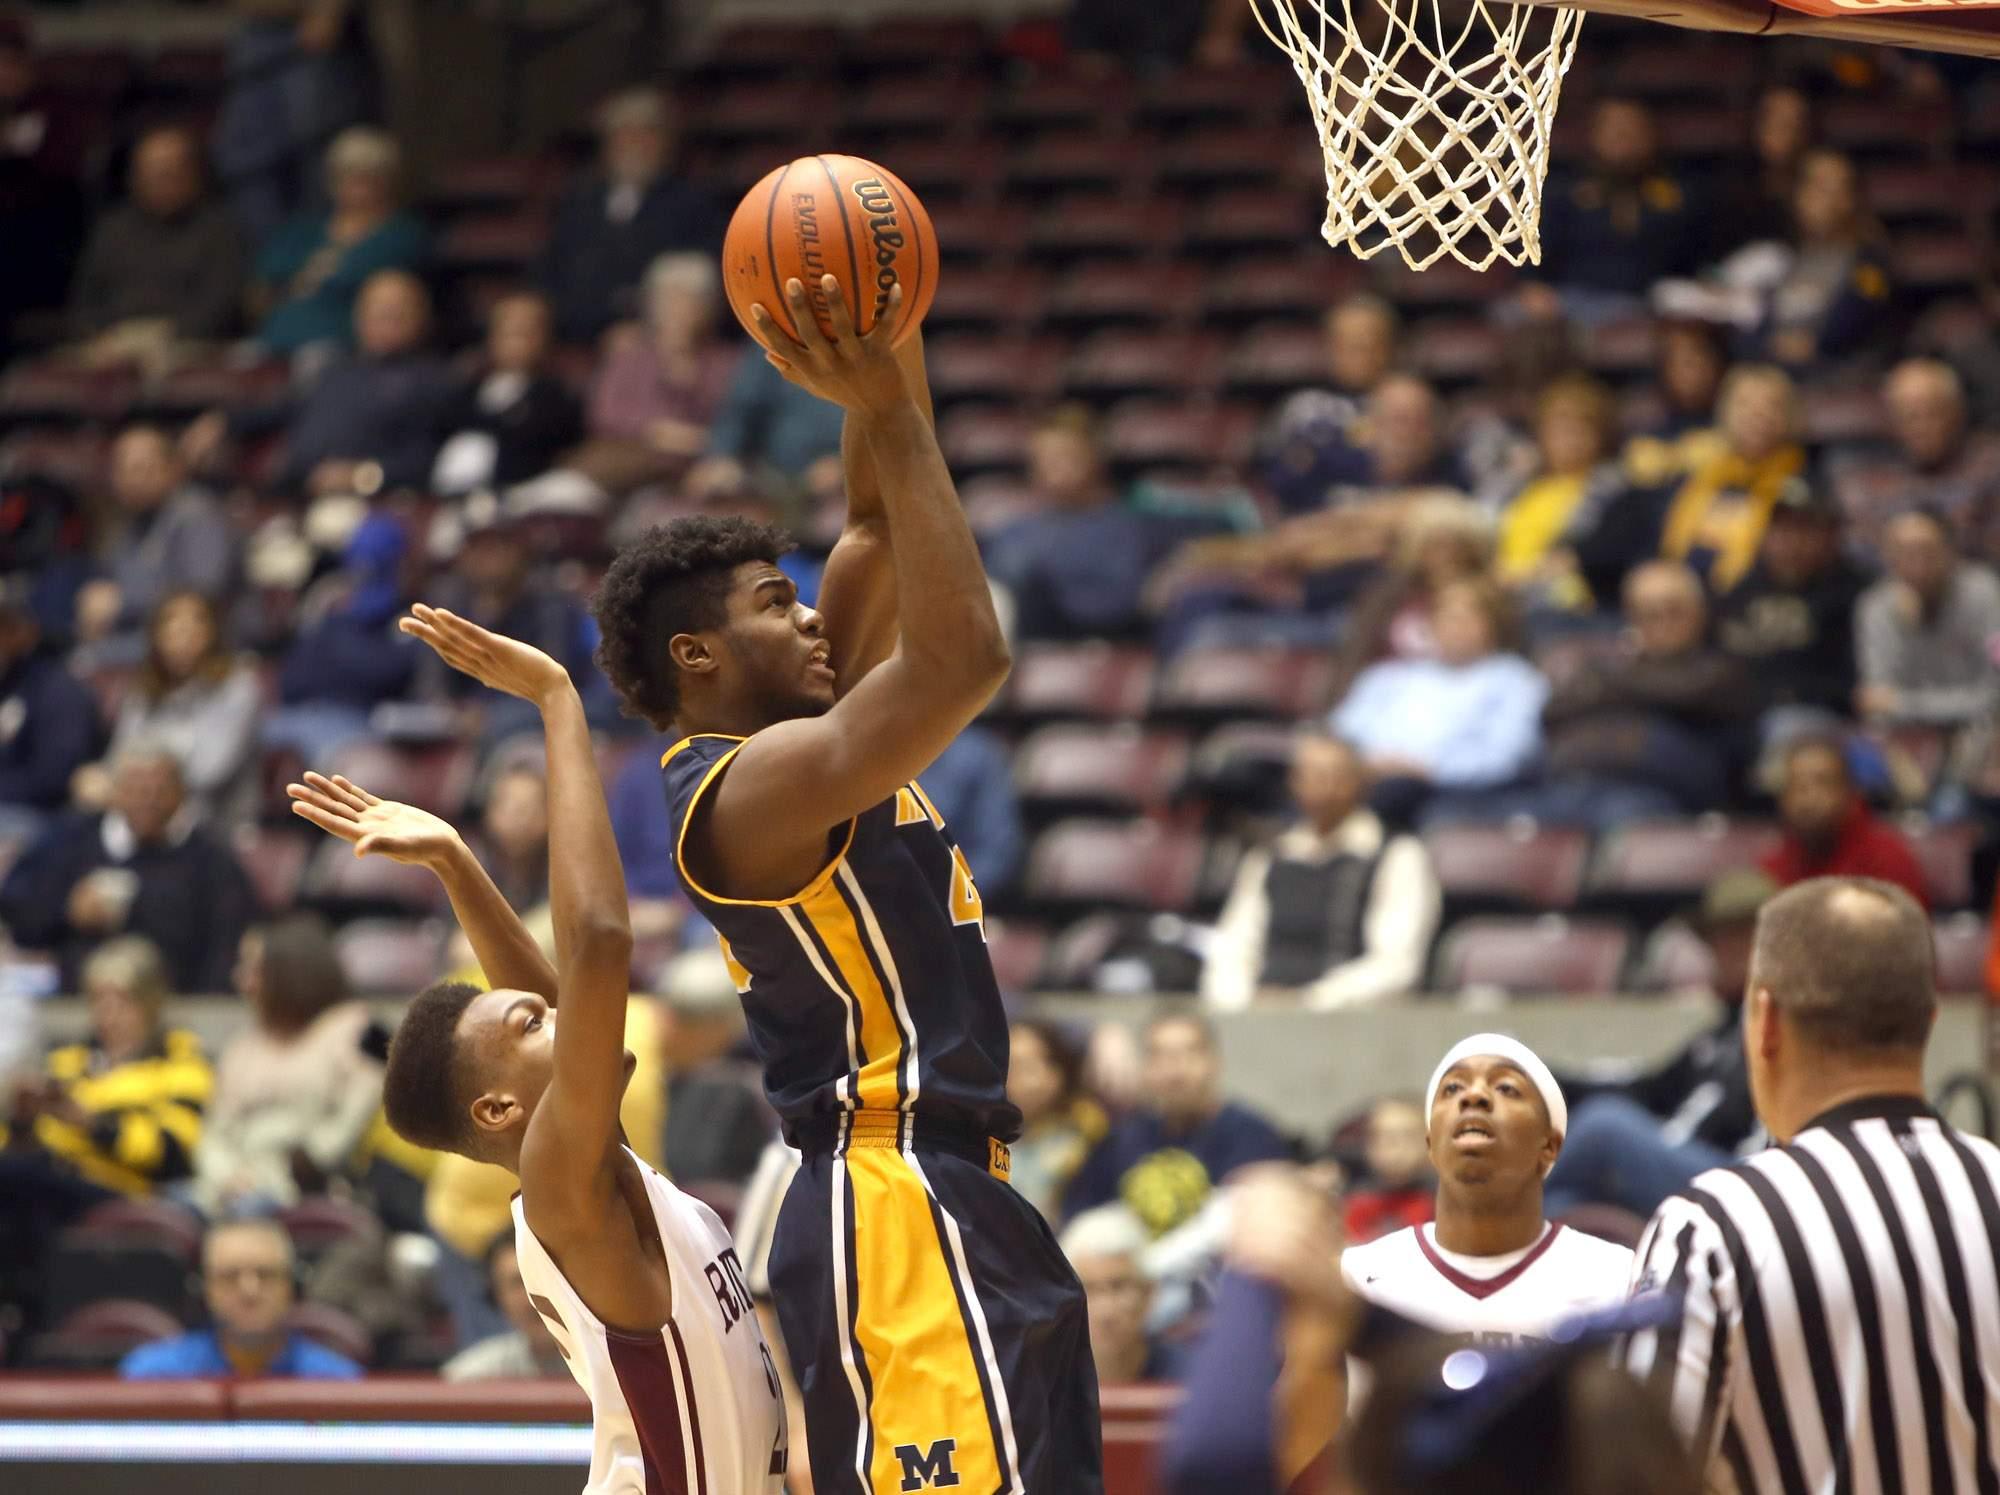 Terrell Henderson attempts a shot.